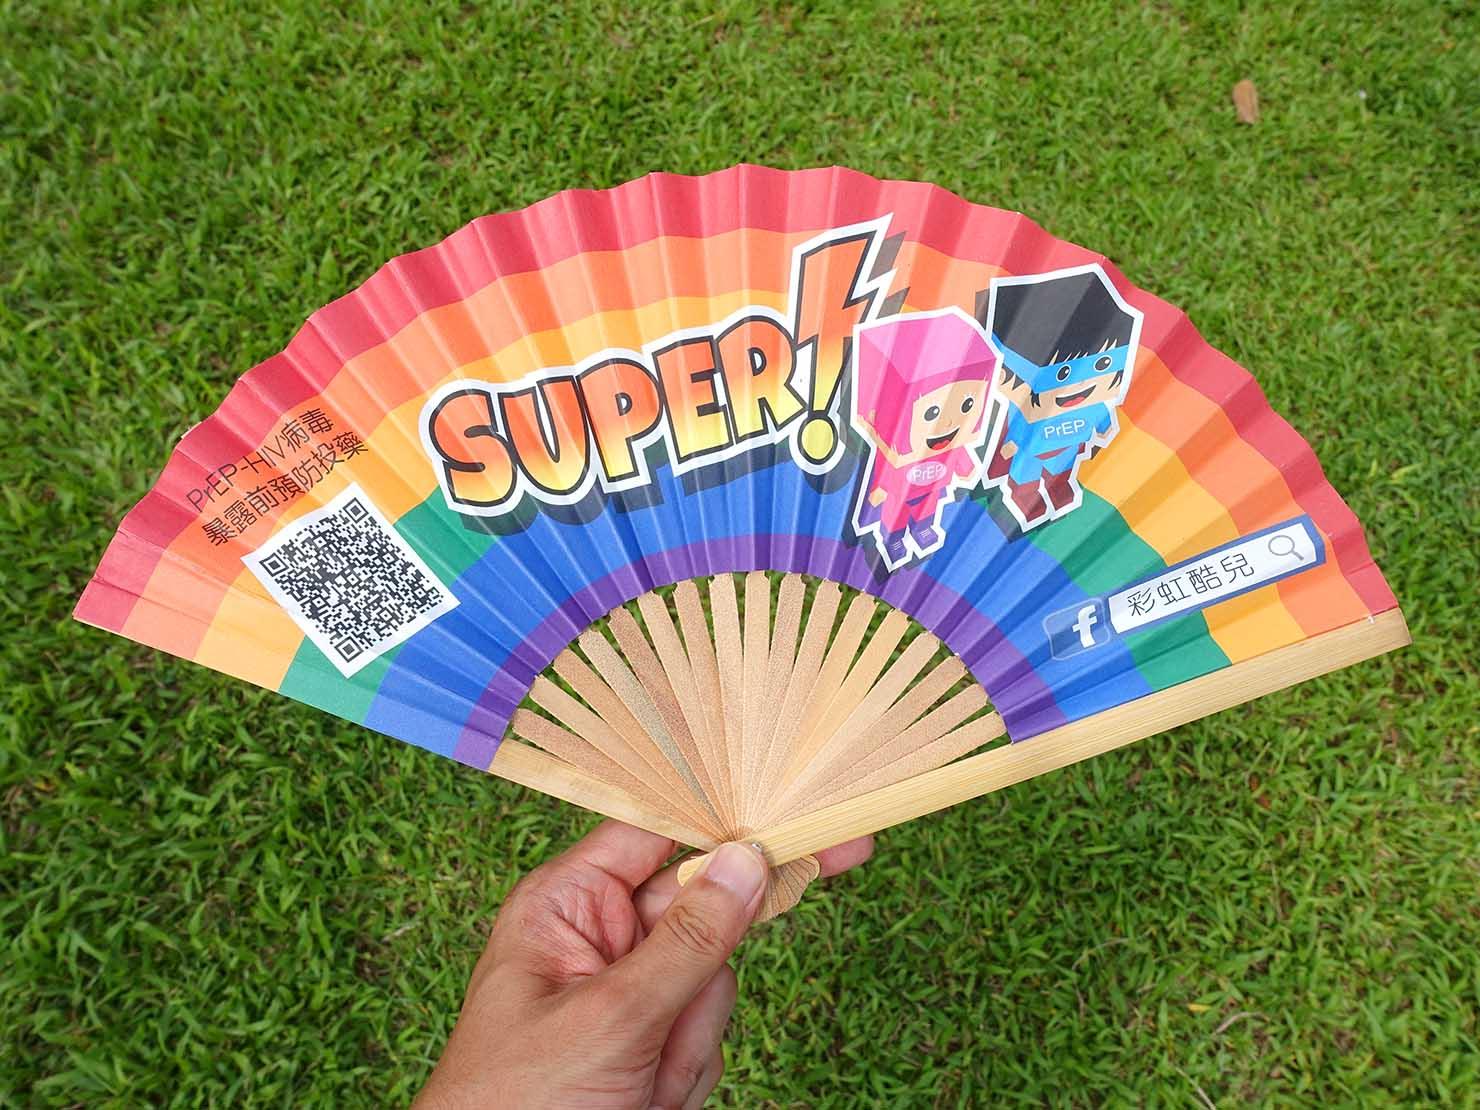 花東彩虹嘉年華(台湾東部LGBTプライド)の会場でもらったレインボー扇子